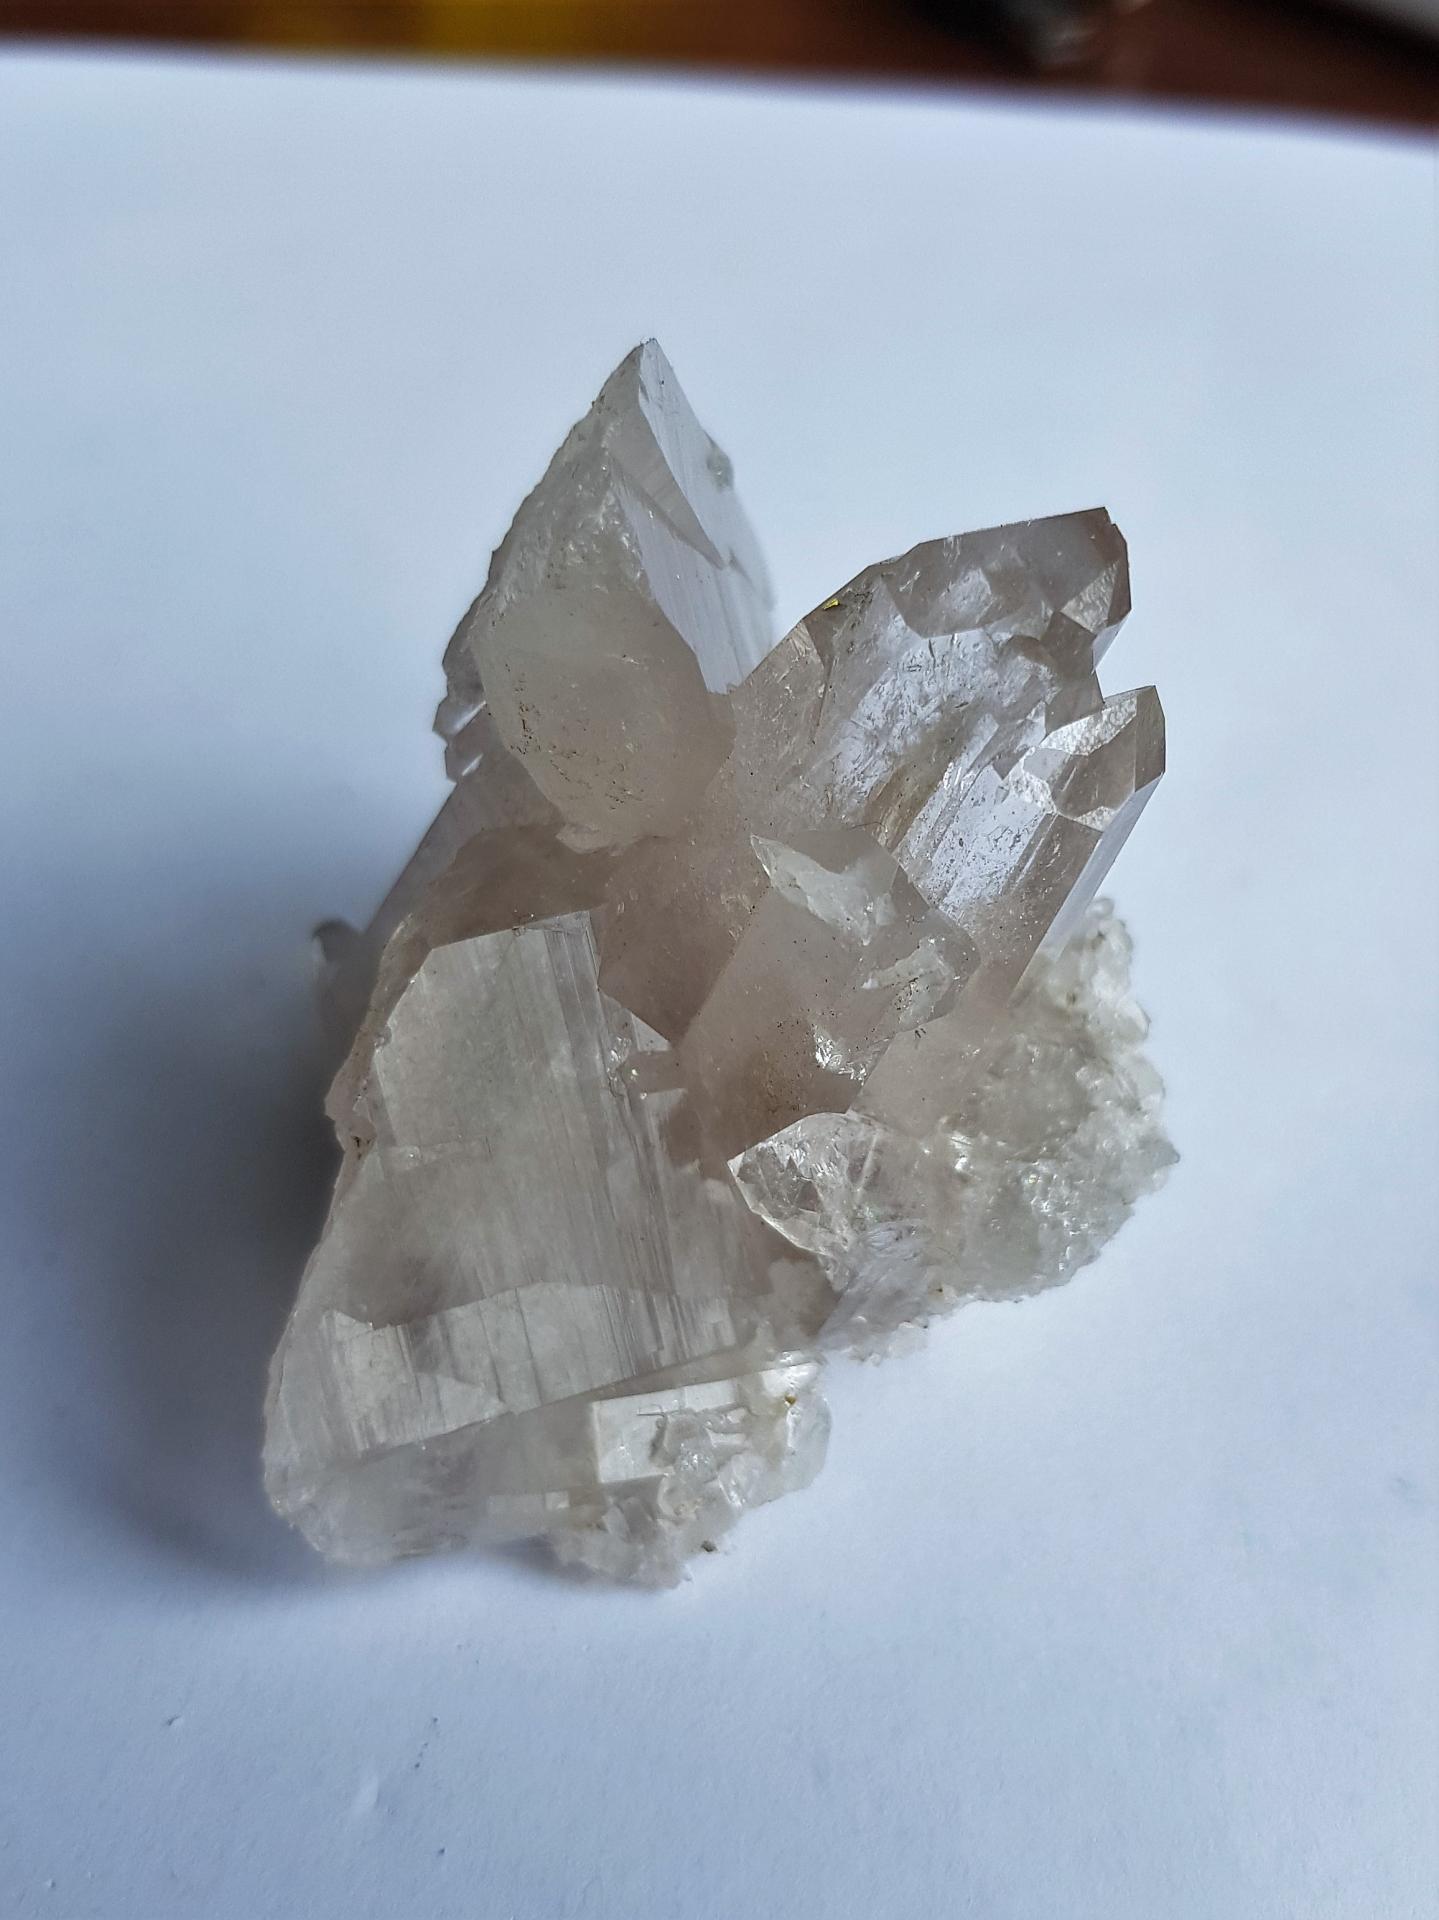 Cristal de roche vaujanie 6